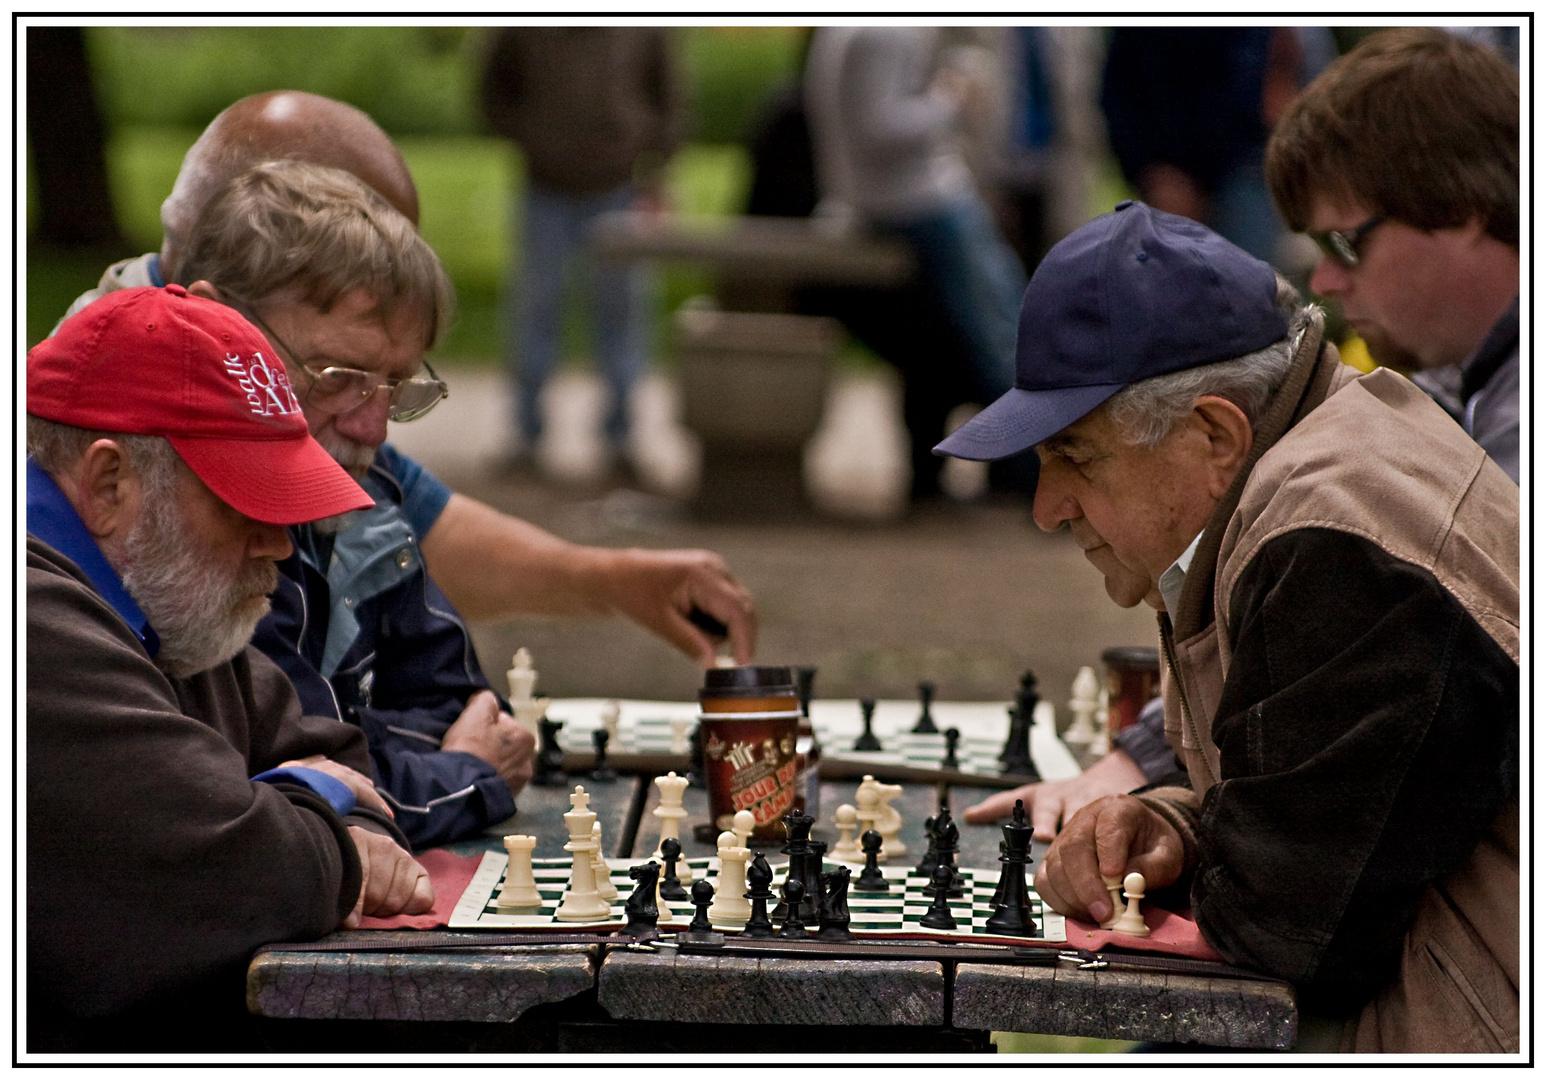 Schachspieler in Toronto